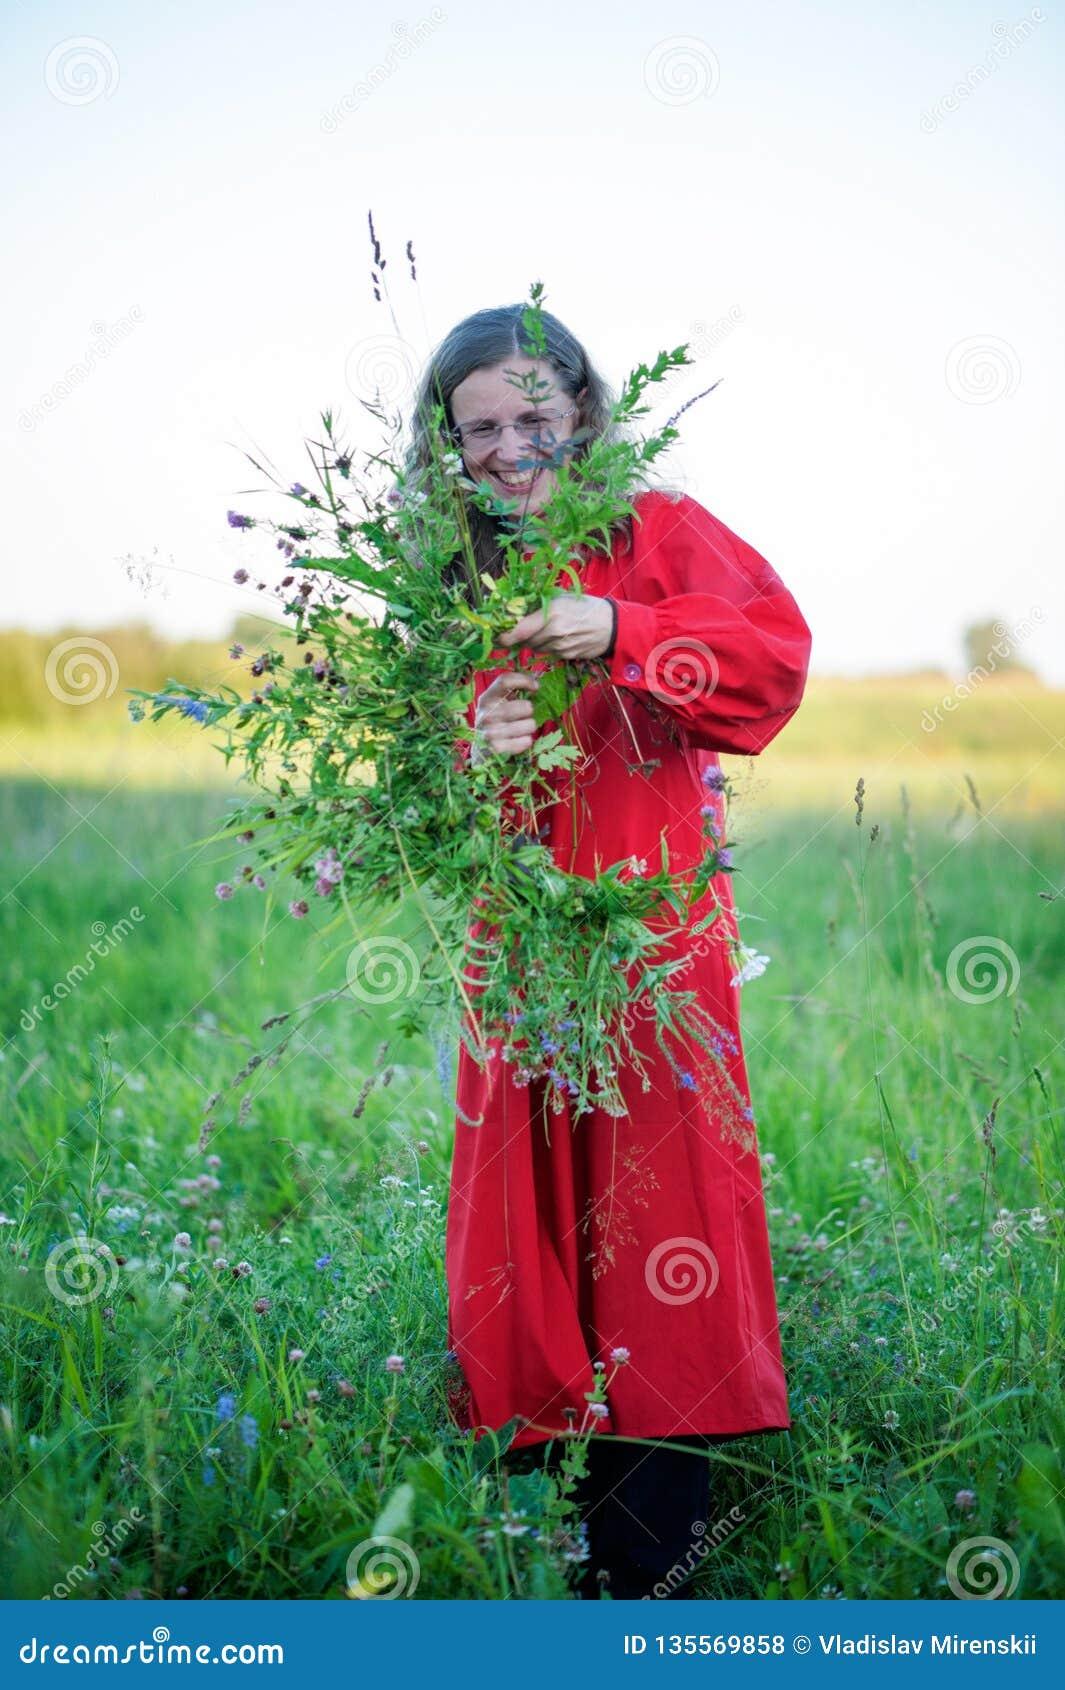 Το κορίτσι στο κόκκινο φόρεμα κάνει ένα στεφάνι της χλόης και των άγριων λουλουδιών στο υπόβαθρο ενός πράσινου λιβαδιού